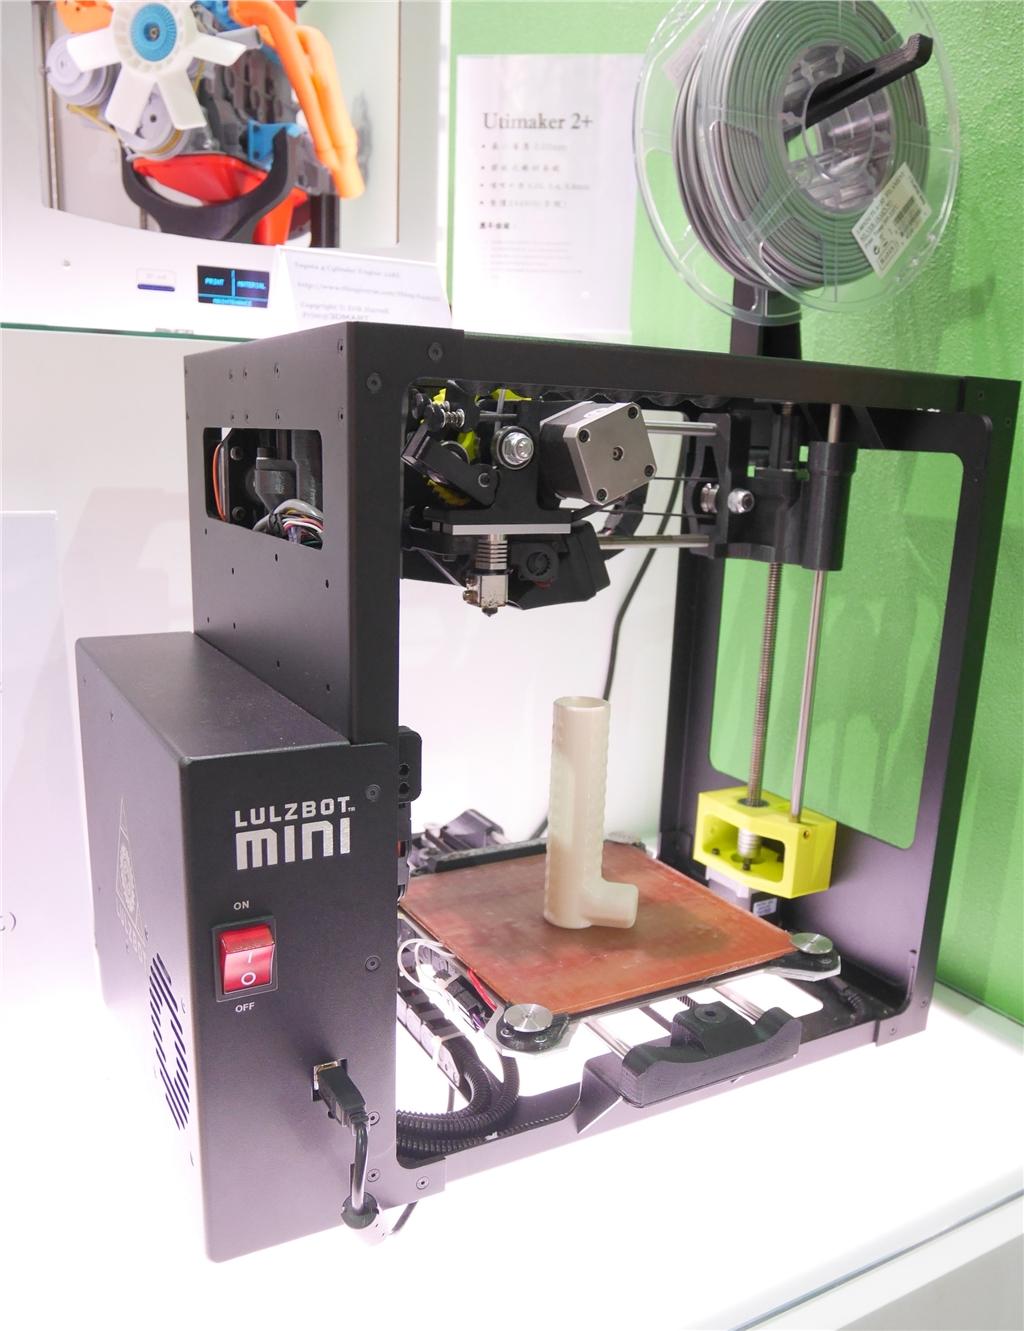 taimold 模具展 3d列印 三帝瑪 Lulzbot 3D印表機 適用軟料